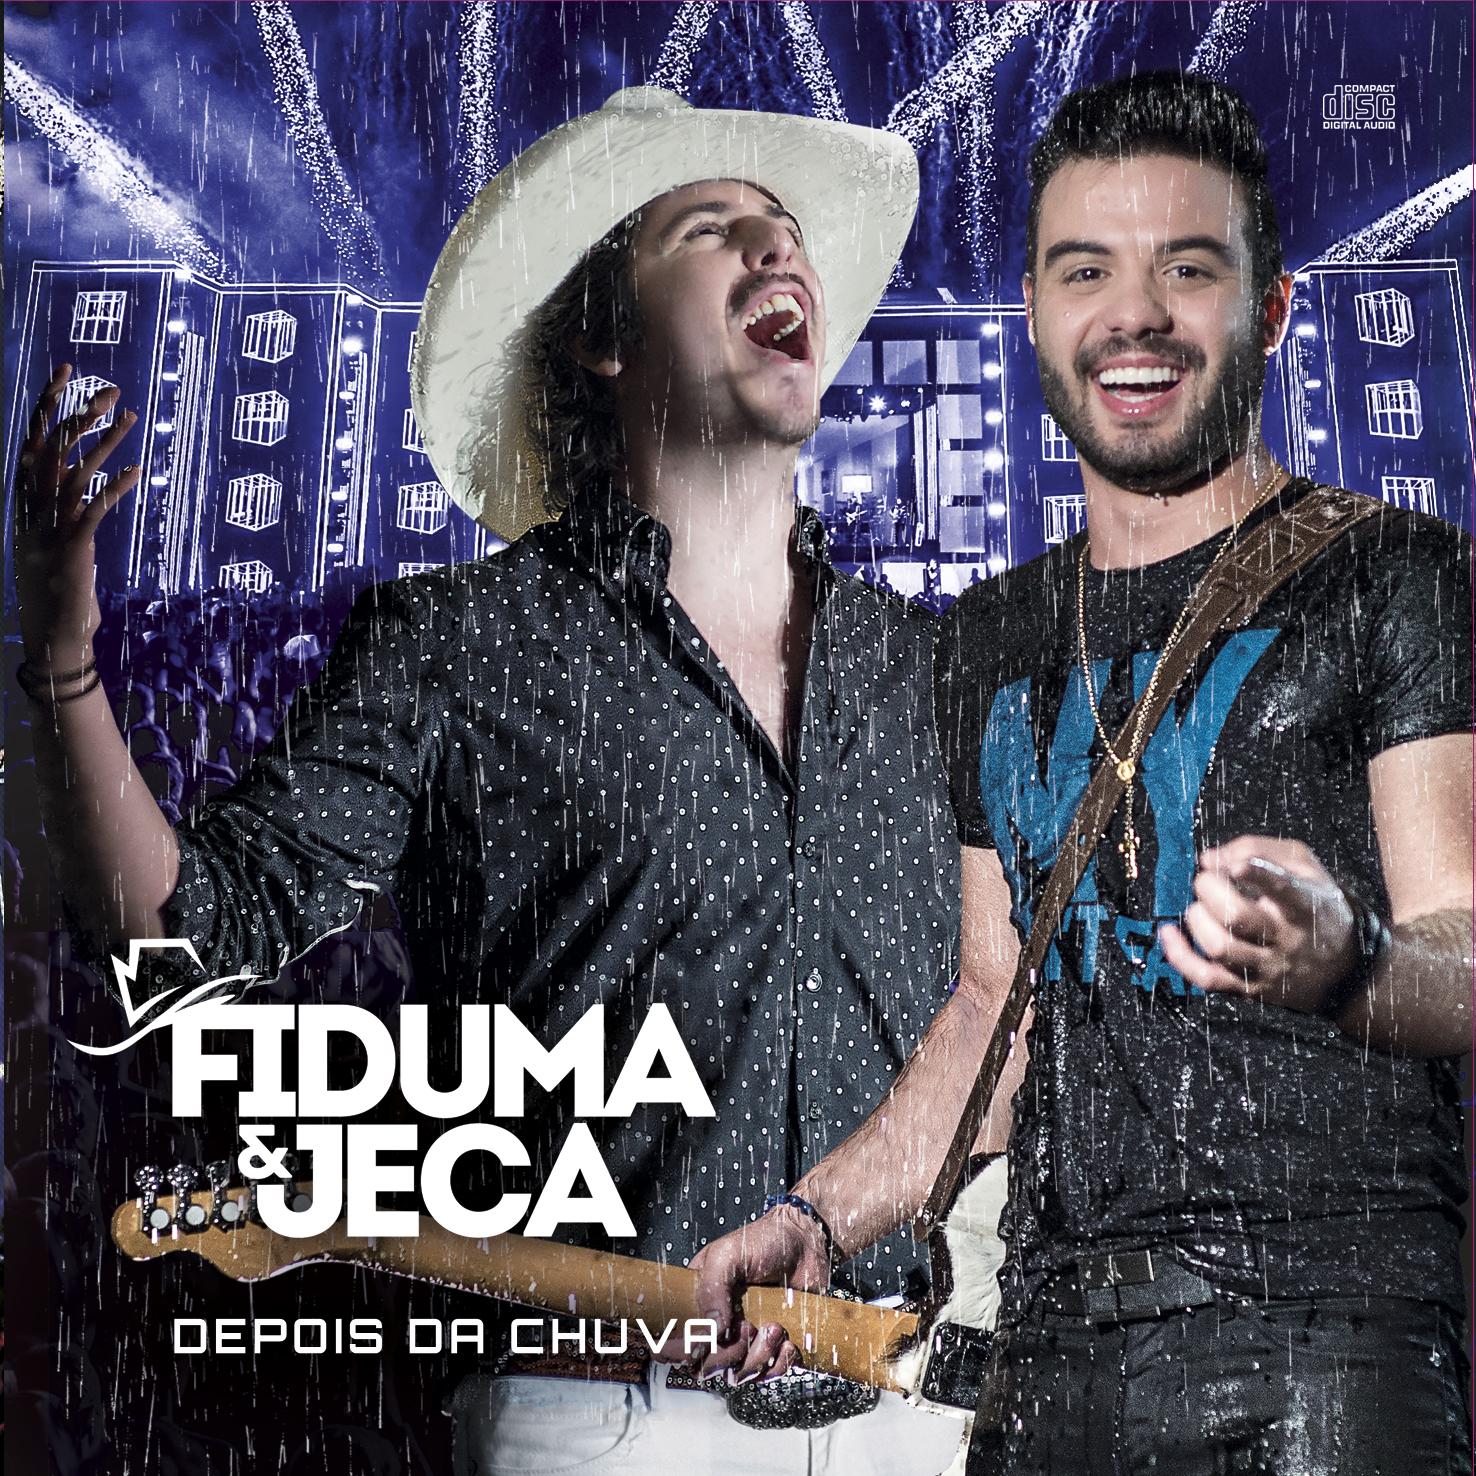 REVIEW: Fiduma & Jeca – Depois da Chuva